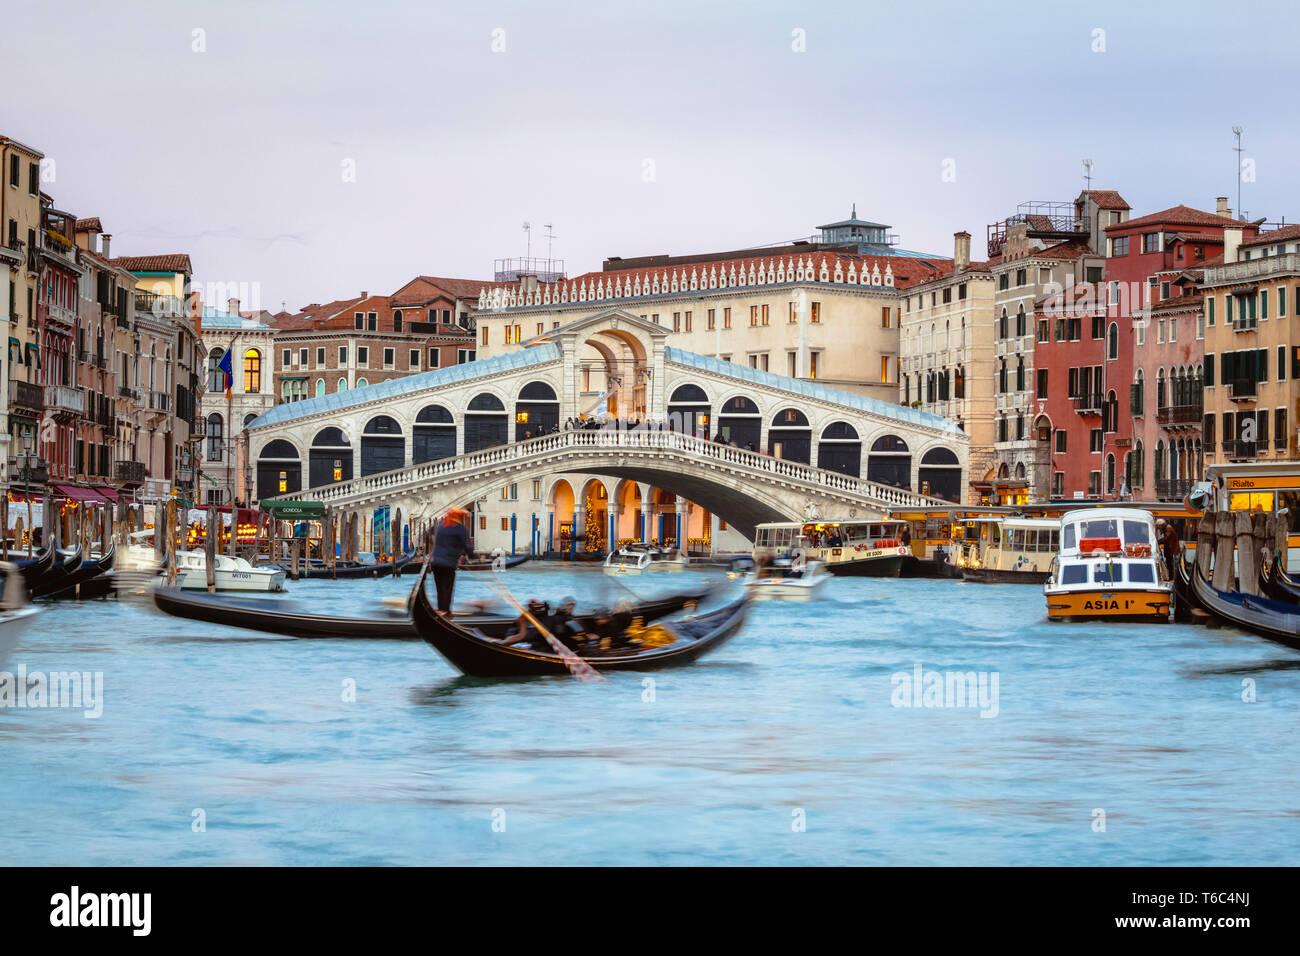 Puente de Rialto en el Gran Canal al atardecer, Venecia, Italia Foto de stock